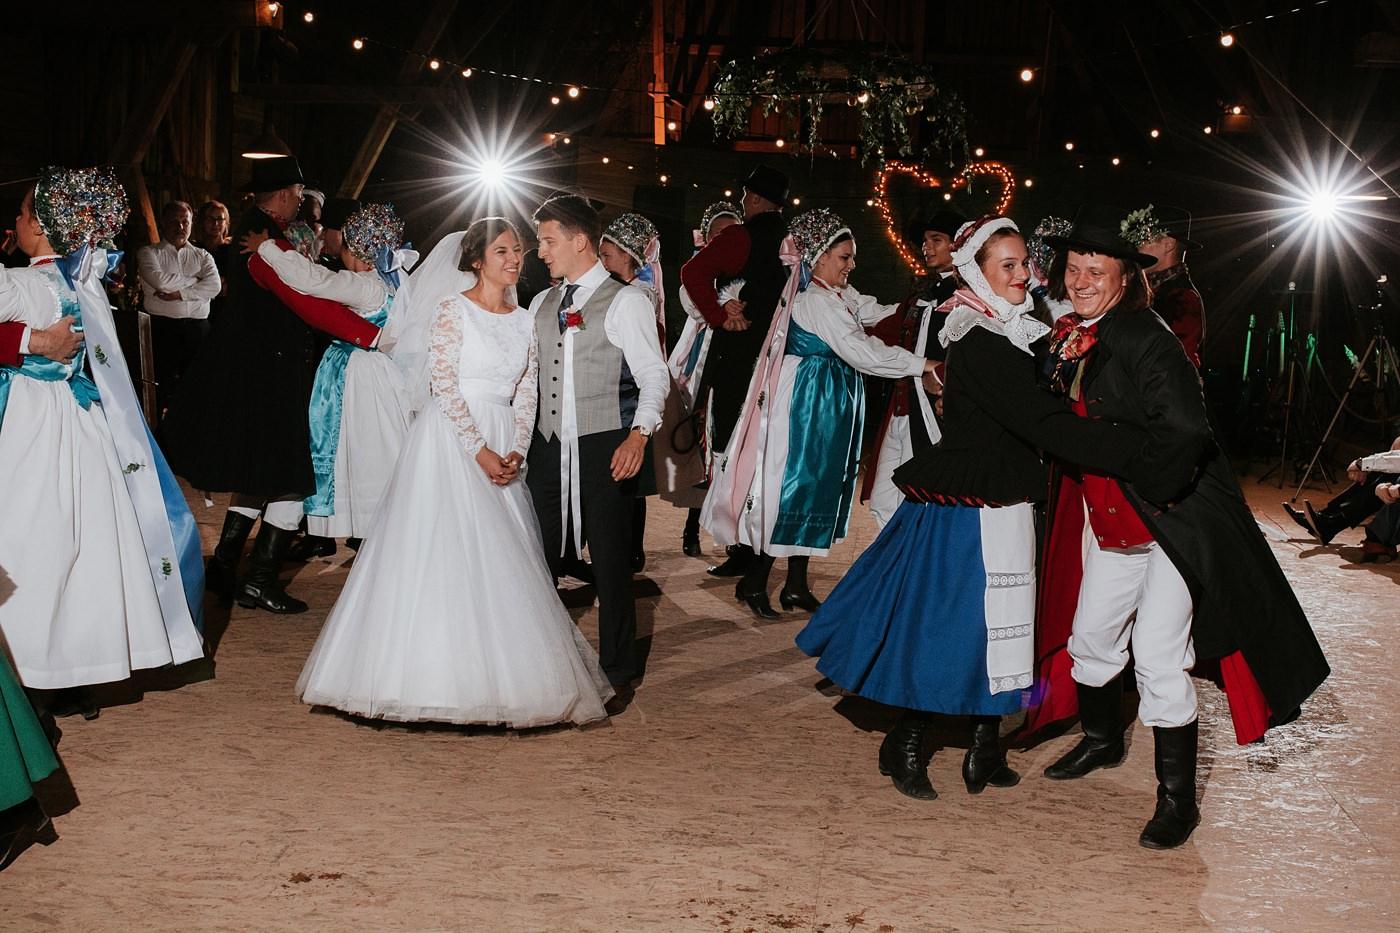 Dominika & Aleksander - Rustykalne wesele w stodole - Baborówko 132